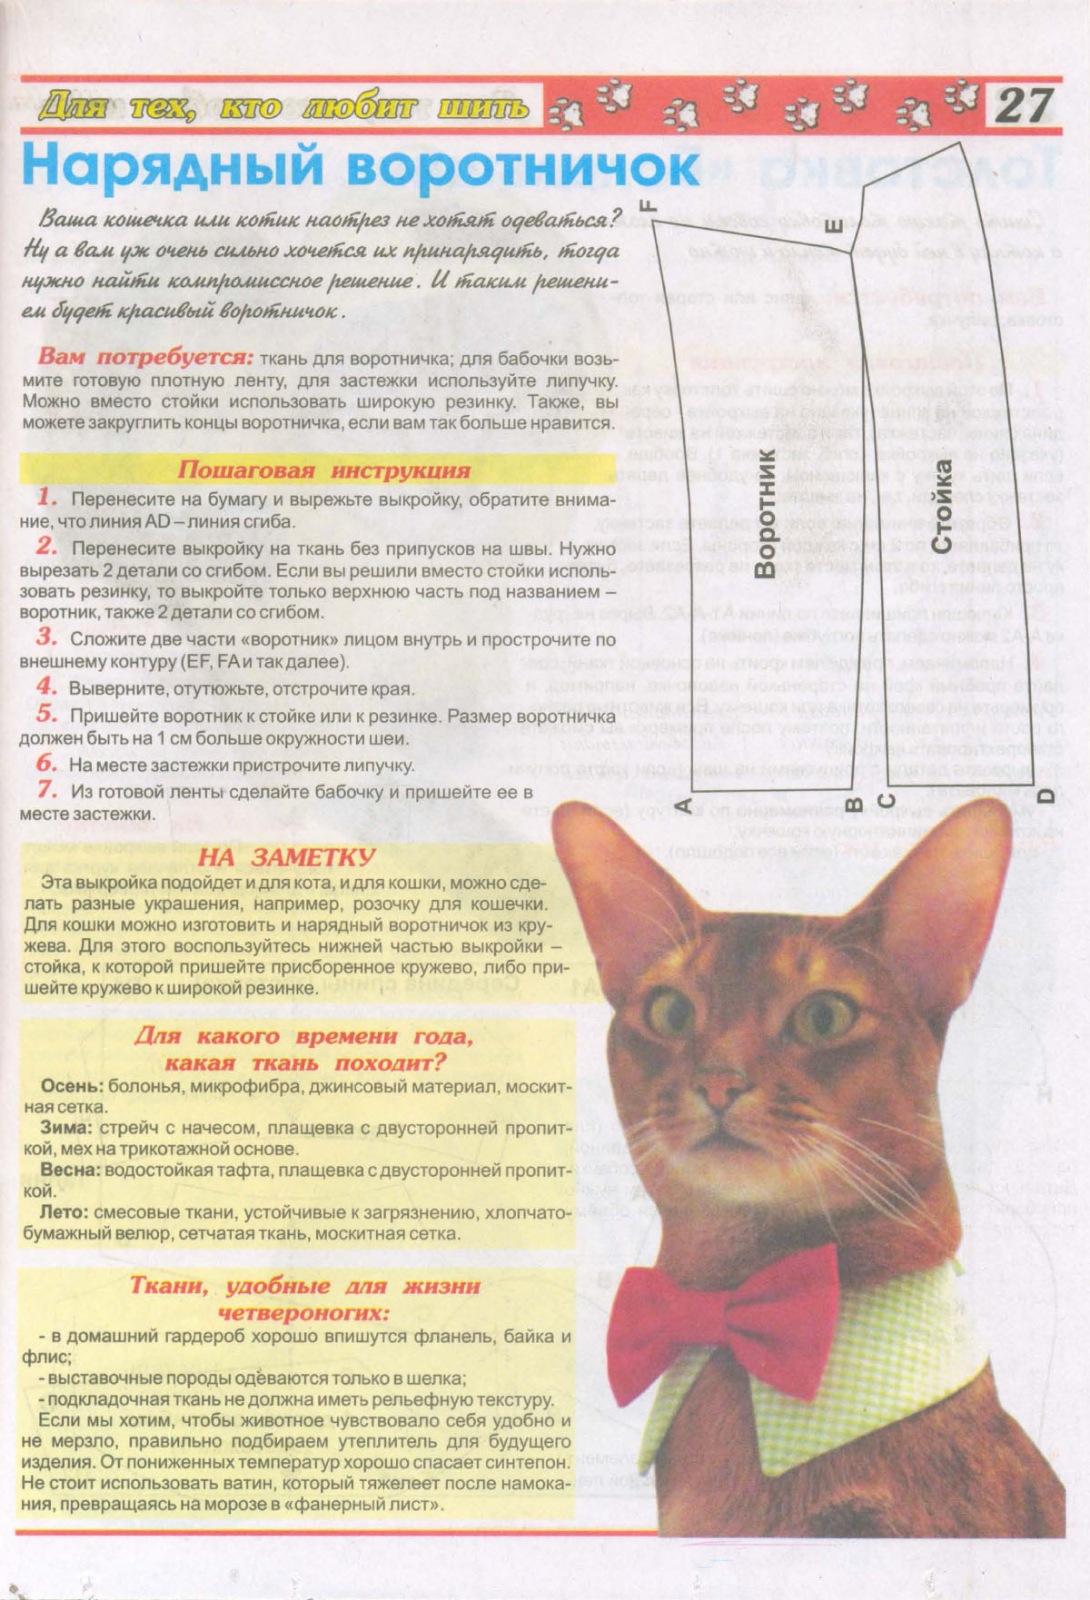 Нарядный воротничок для кота